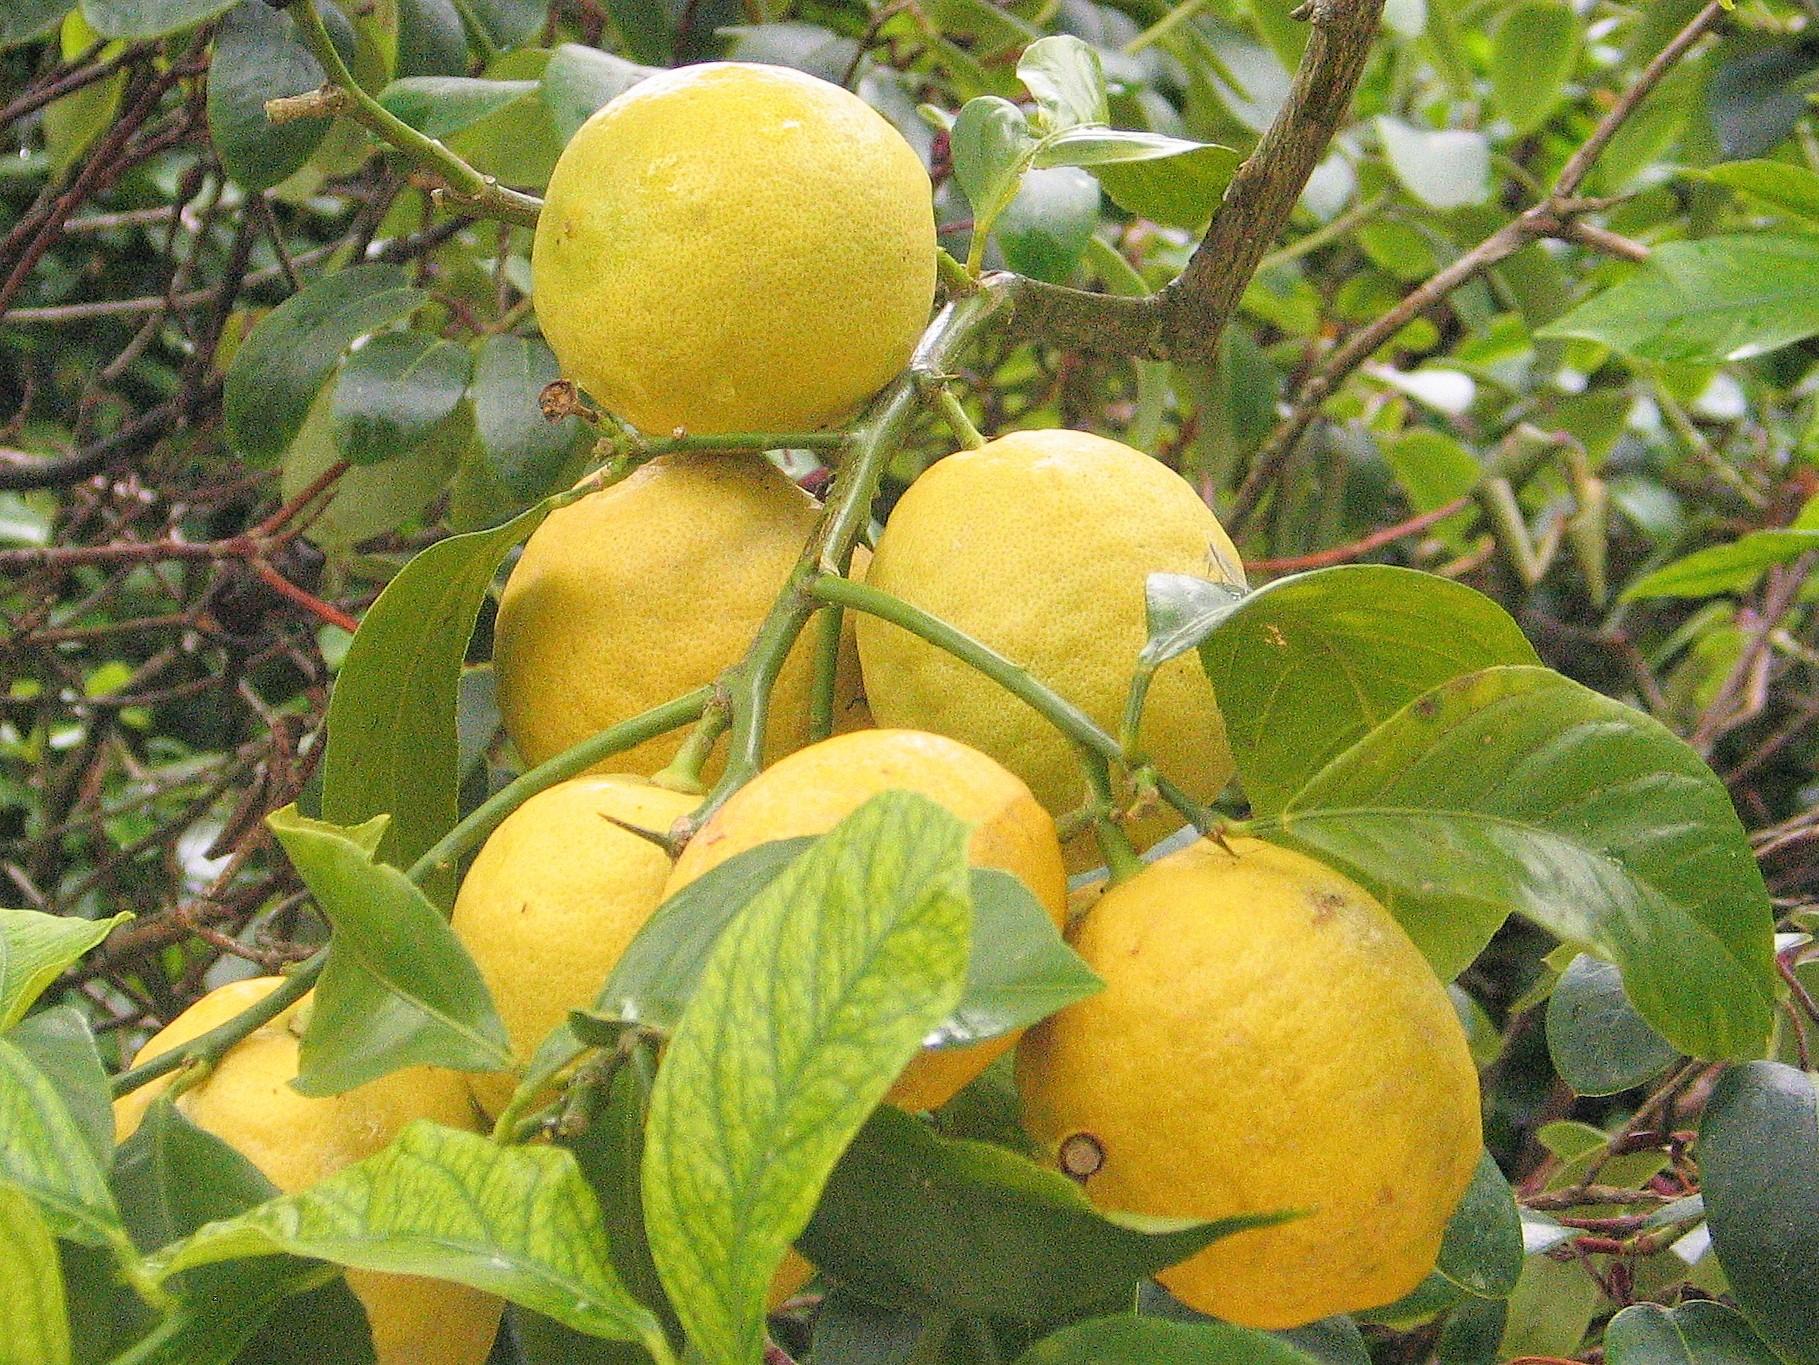 Lemons growing outside